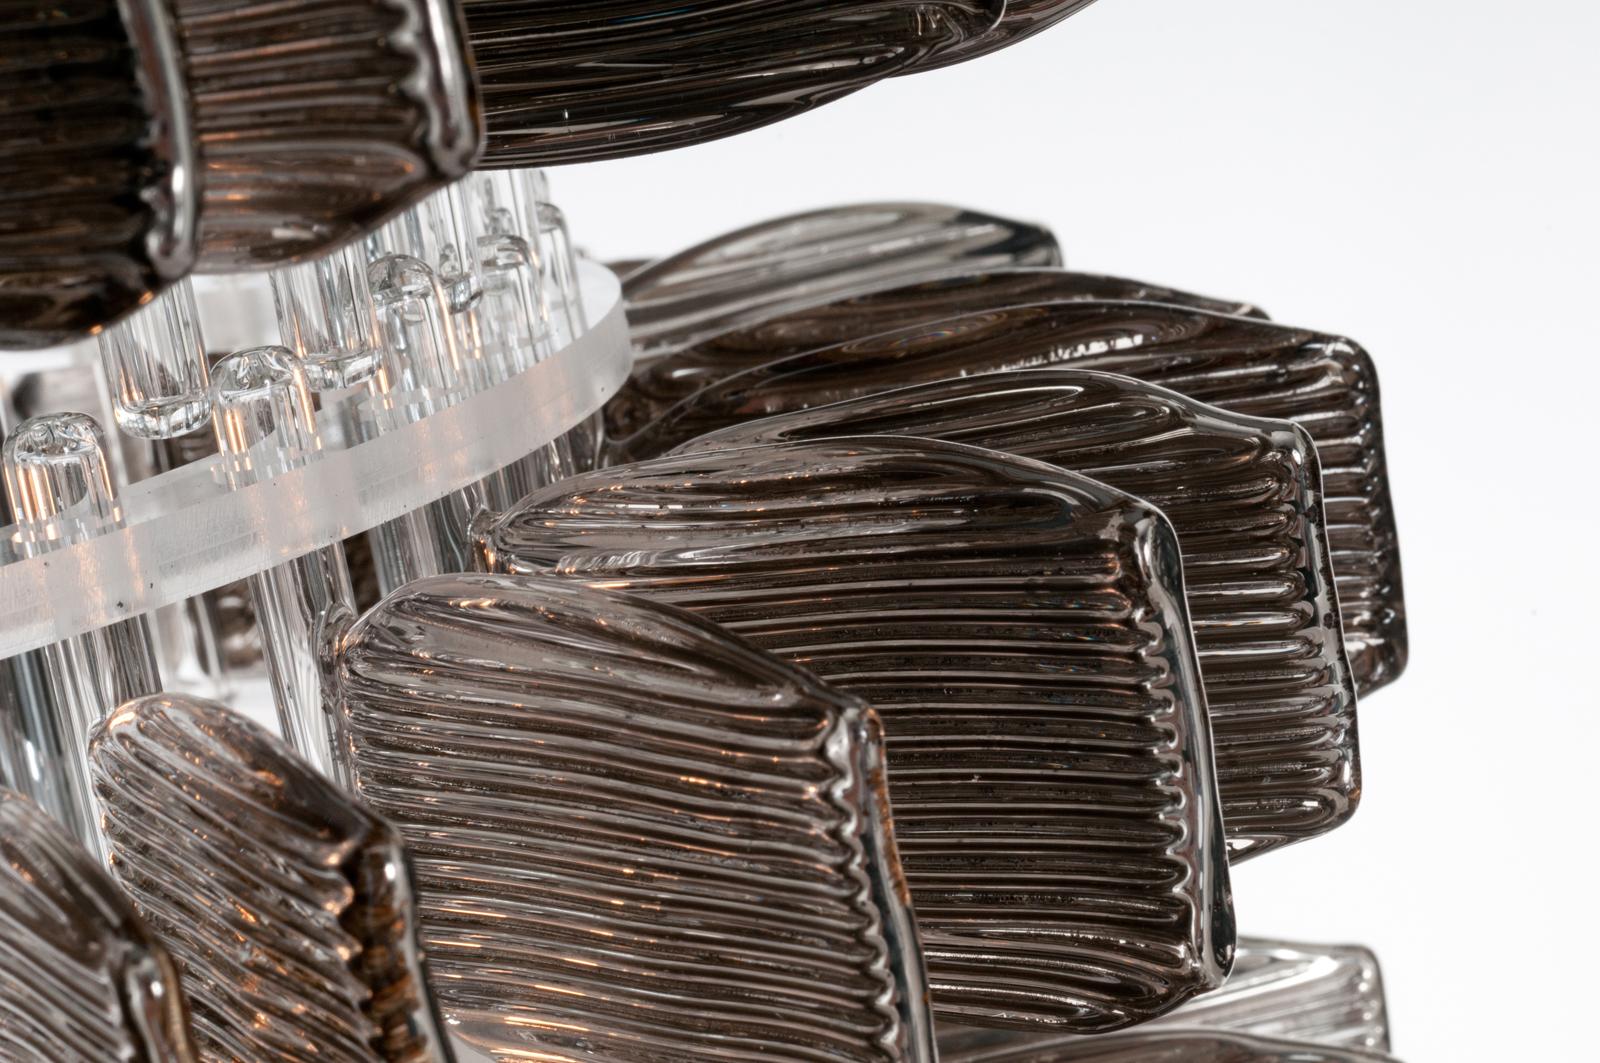 anemone-56-table-chrome-platine-platinium-veronese-maurizio-galante-tal-lancman-21.jpg